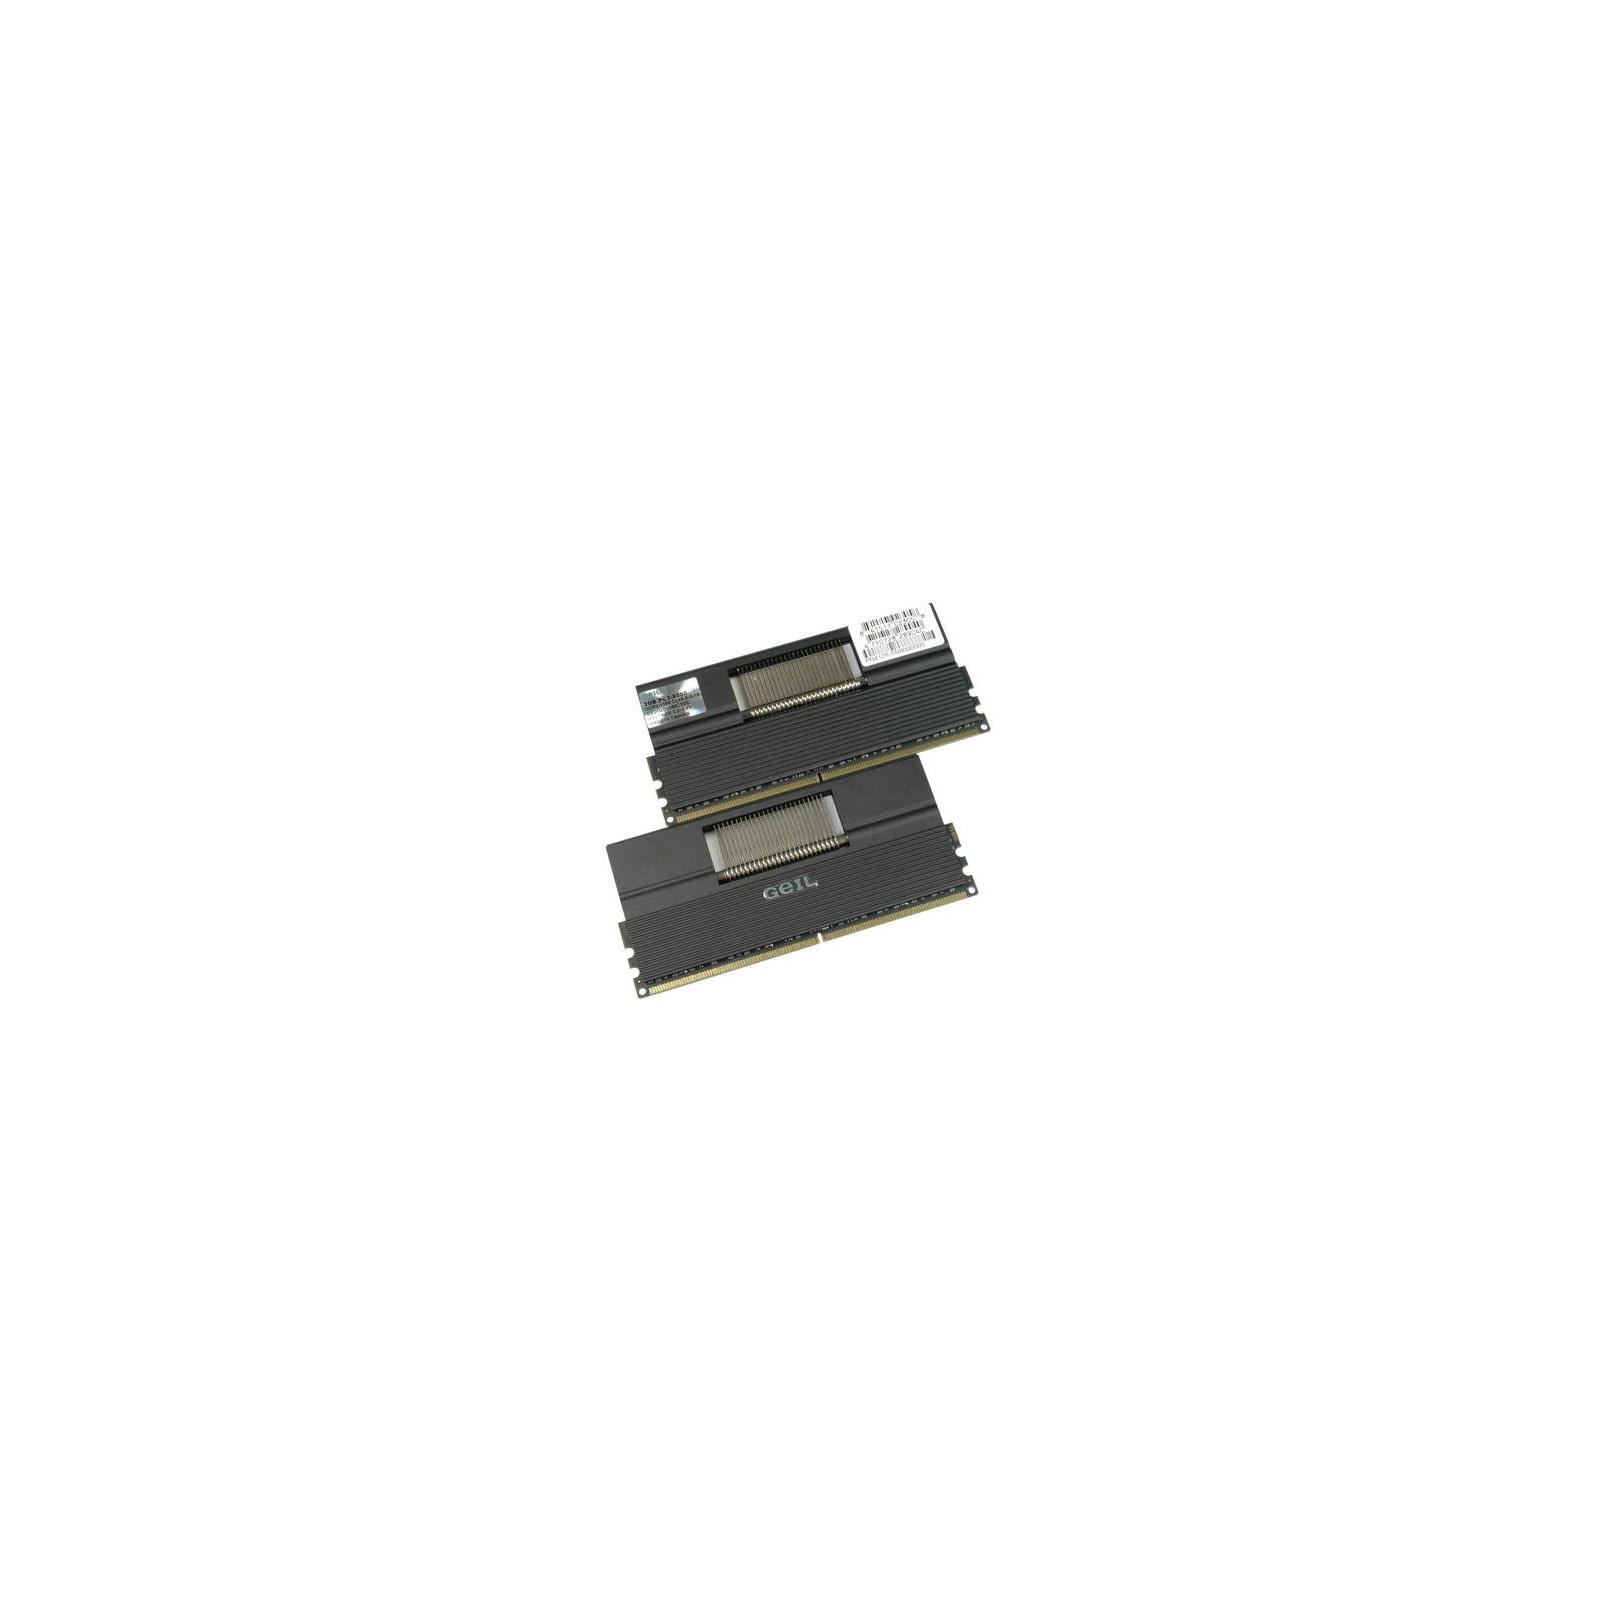 Модуль памяти для компьютера DDR2 4GB (2х2GB) 1066 MHz GEIL (GE24GB1066C5DC)